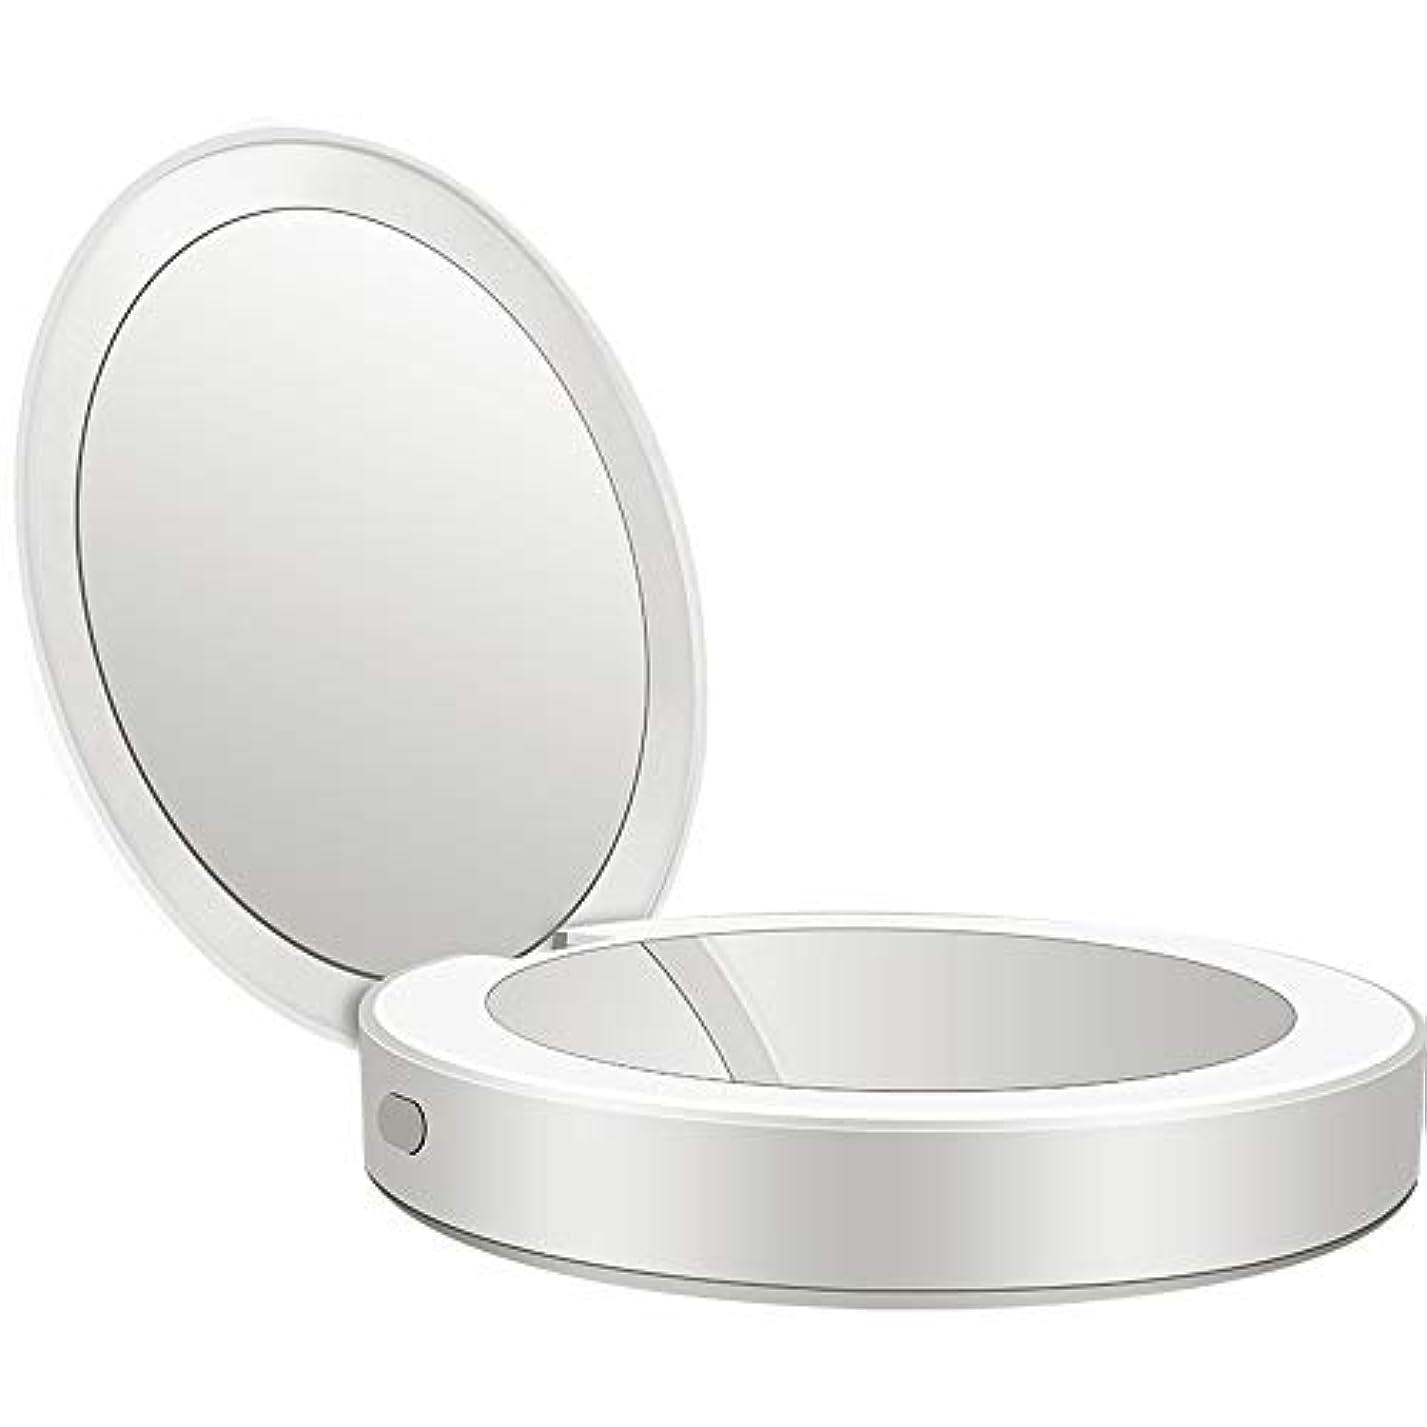 一般的に言えばタクト下に流行の 新しい多機能ポータブル折りたたみLEDライト化粧鏡フィルライト充電宝物鏡ABS素材ギフトギフトライト充電虫眼鏡 (色 : Silver)